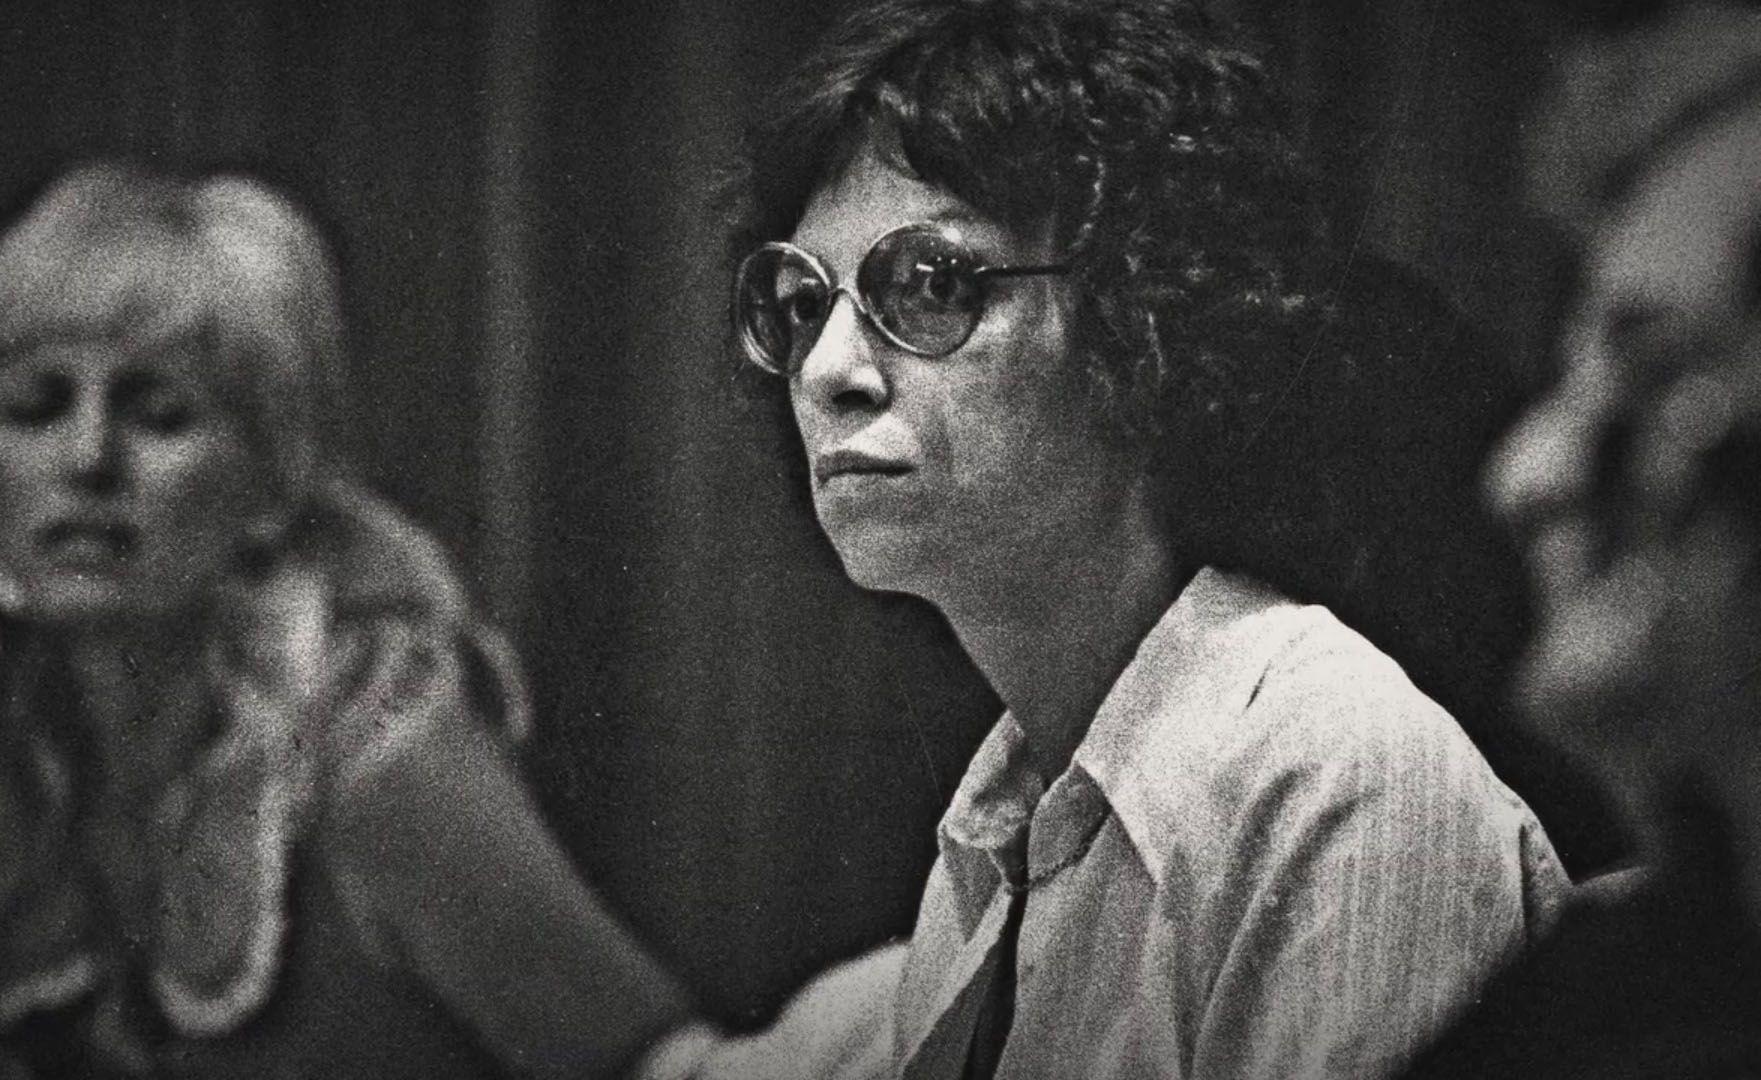 La esposa de Ted Bundy, ¿dónde está ella ahora?